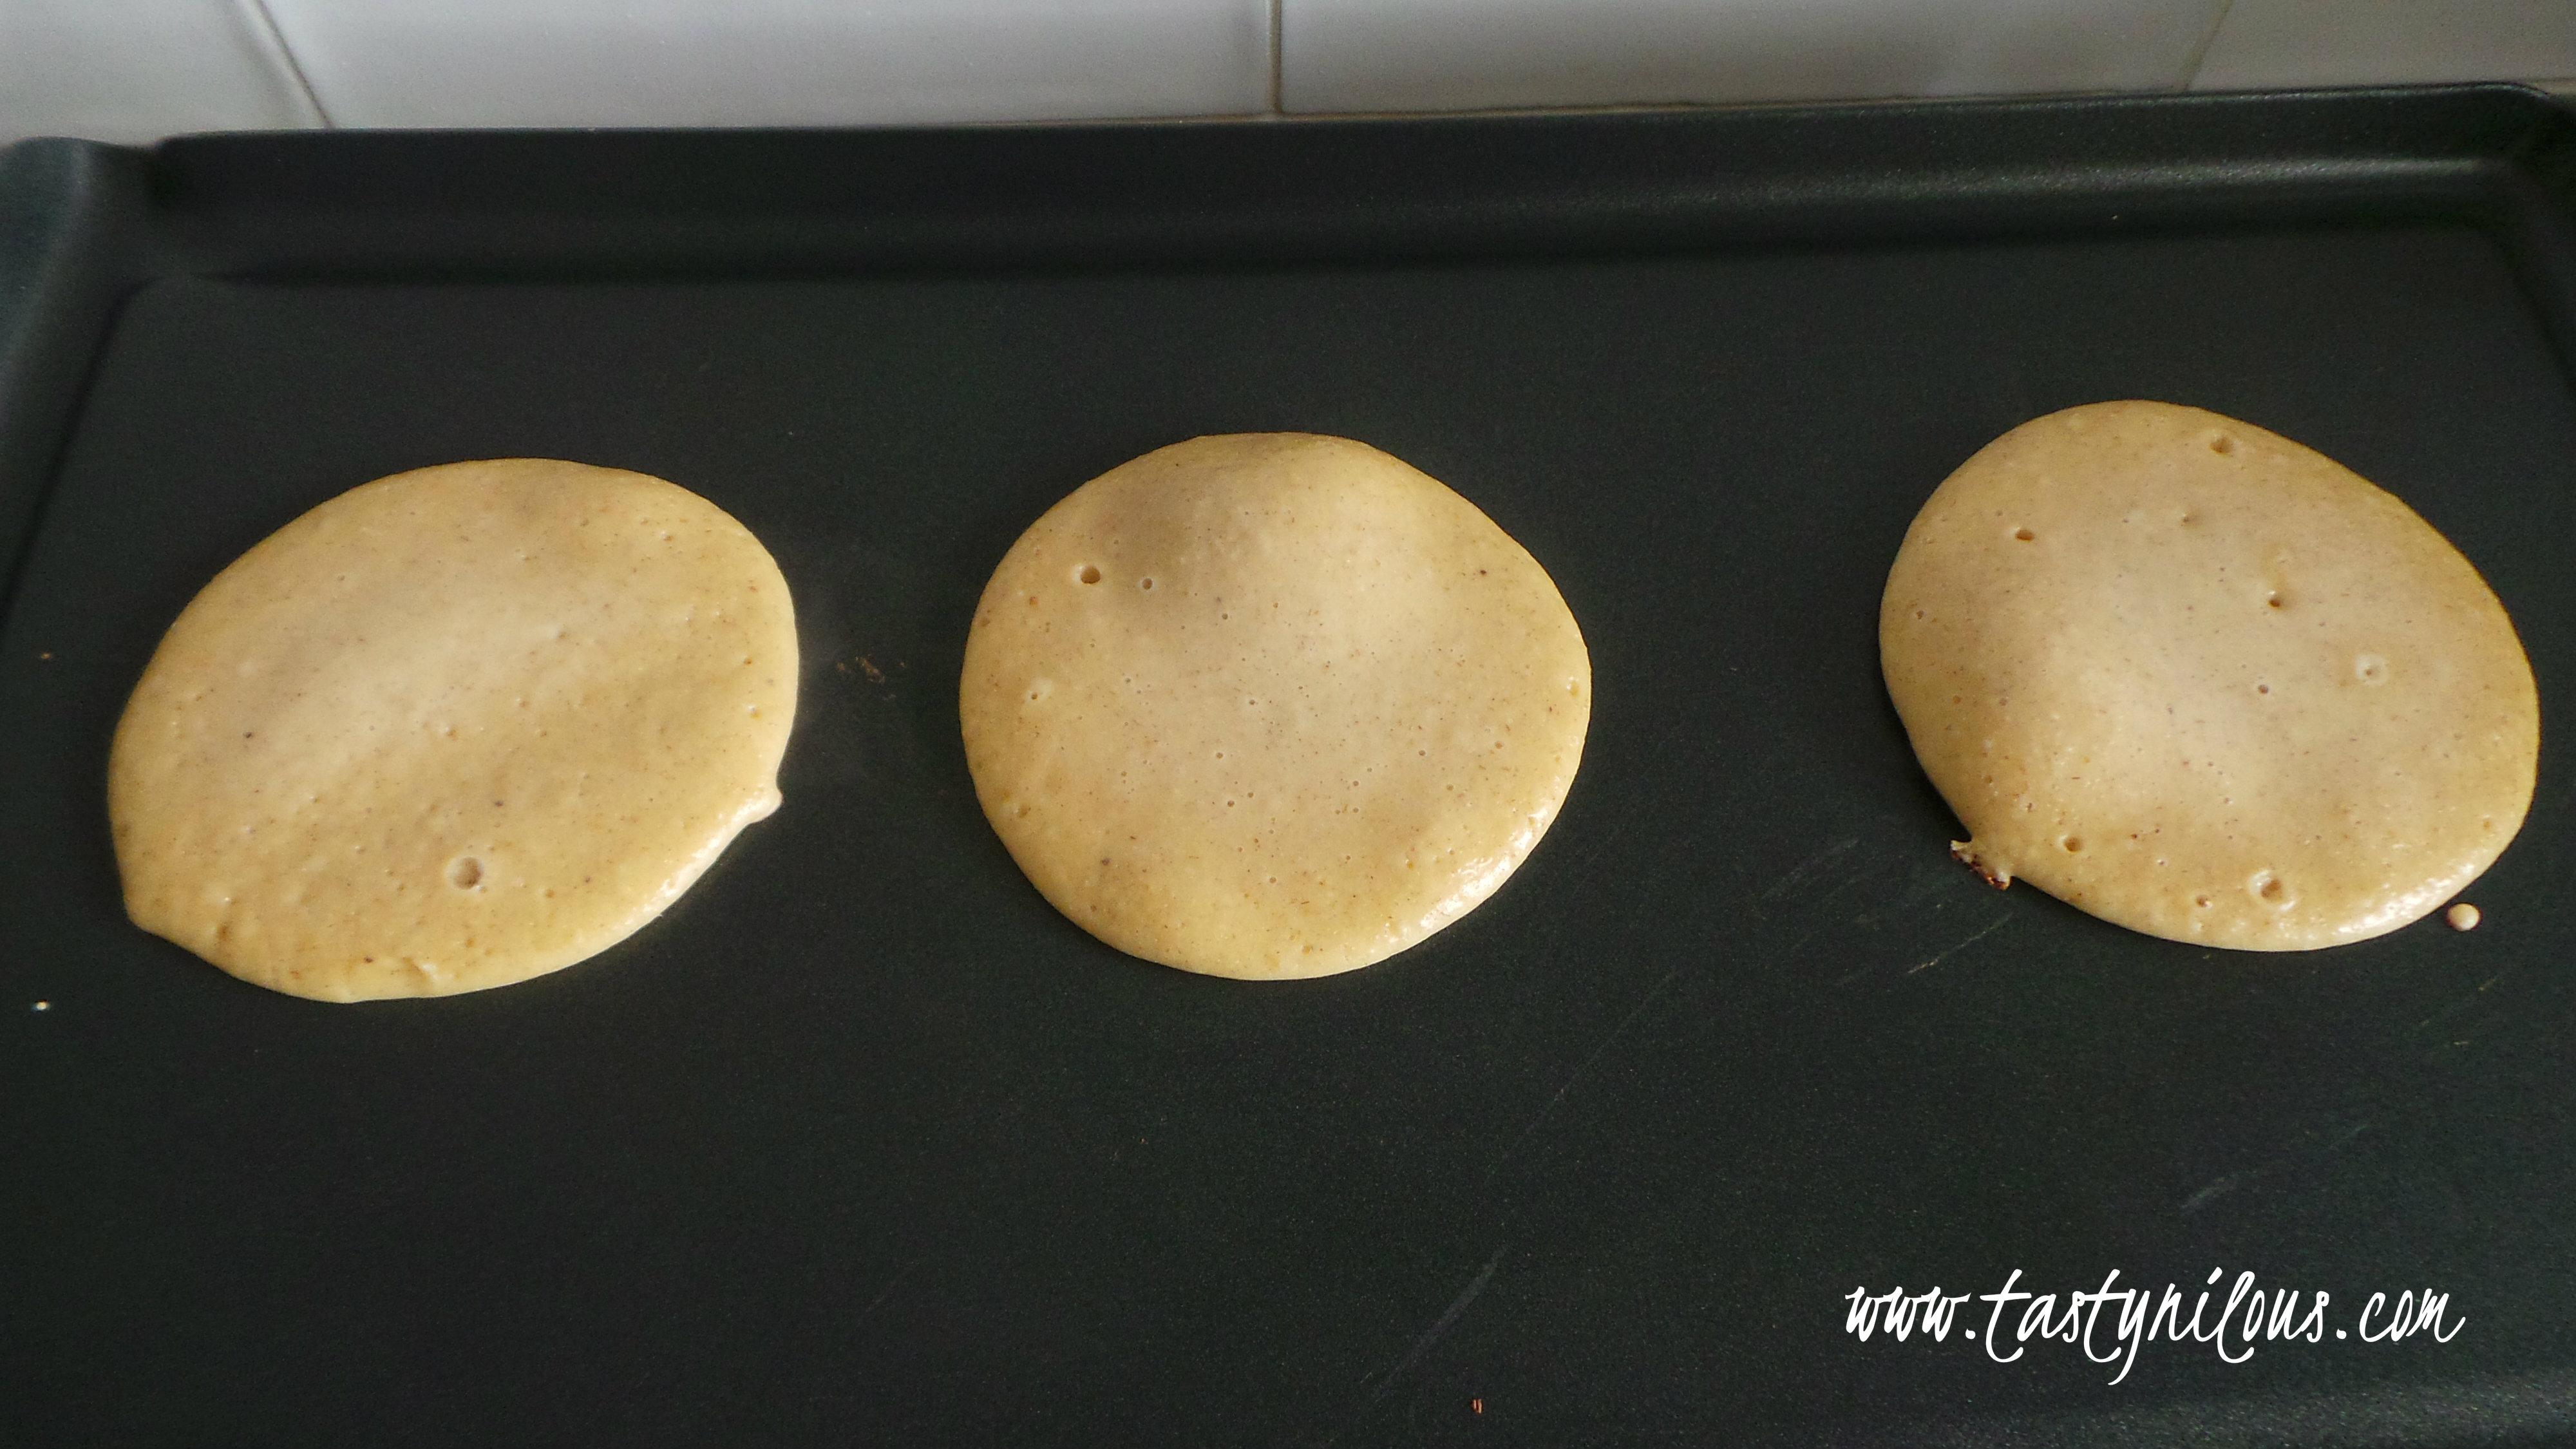 2grillplaat_pancakes